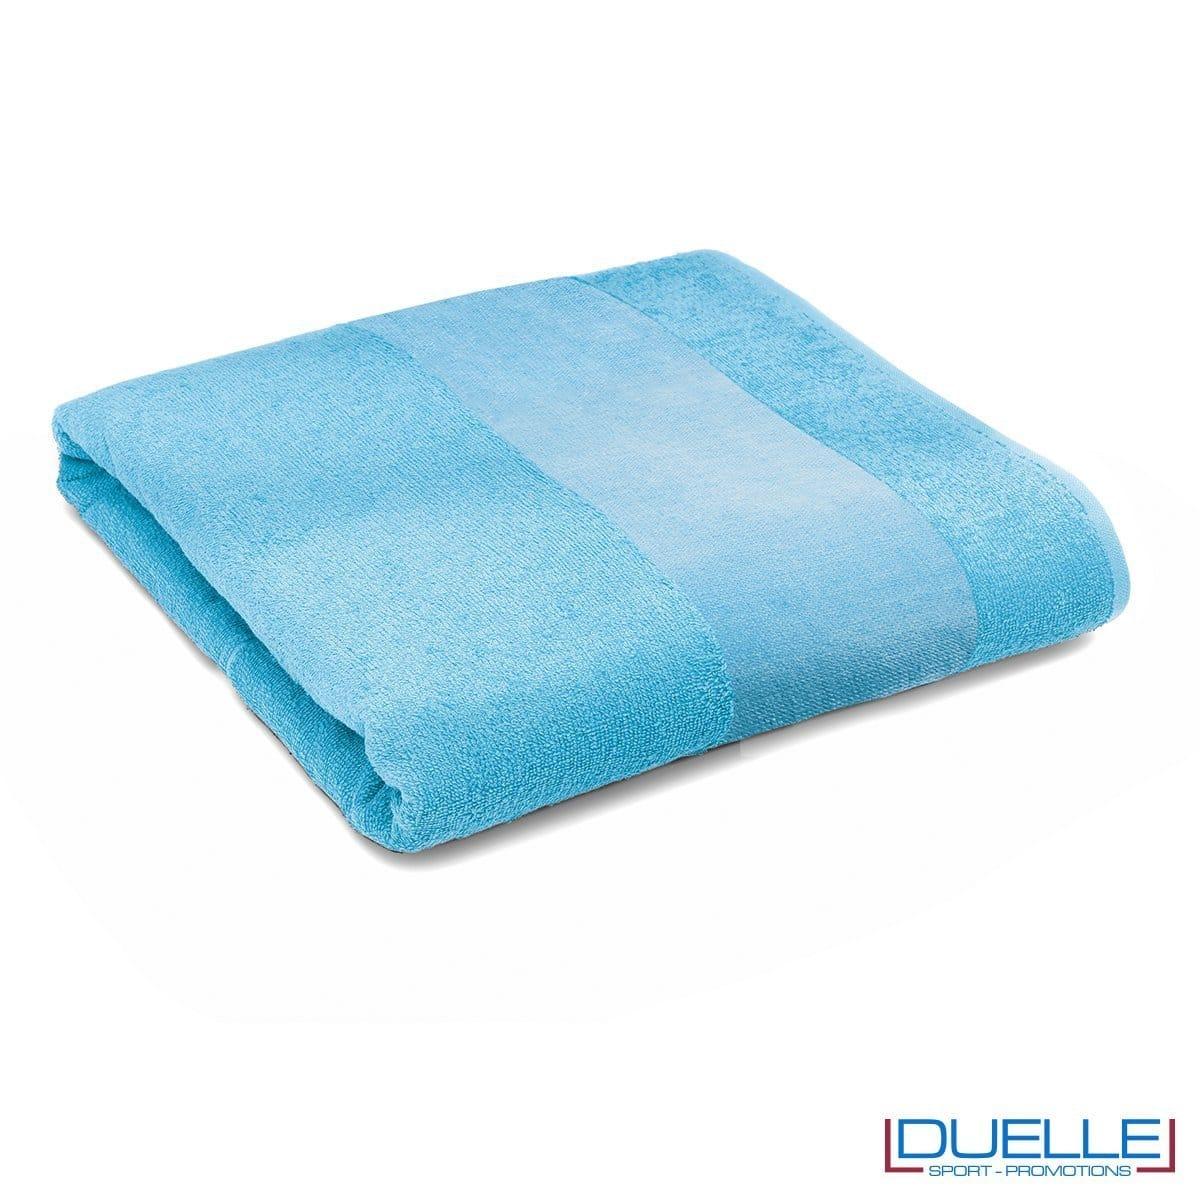 telo personalizzato mare cotone azzurro, gadget mare, gadget estate, gadget promozionali 100% cotone